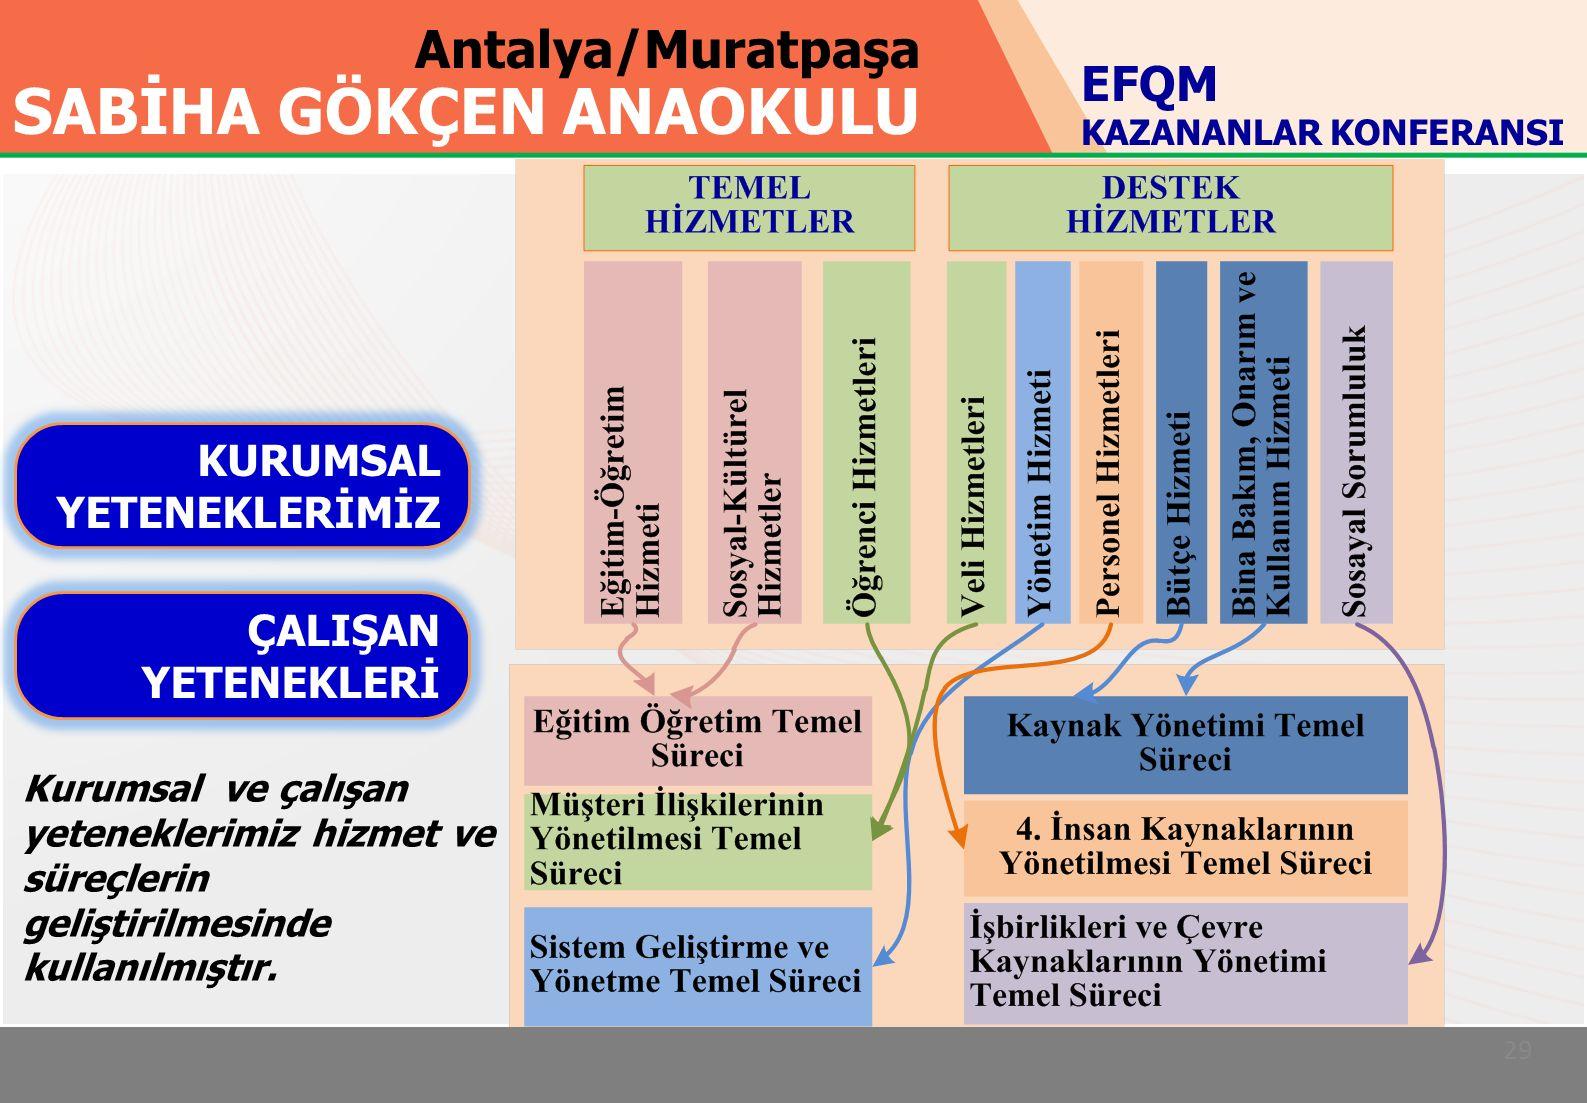 Antalya/Muratpaşa SABİHA GÖKÇEN ANAOKULU 29 KURUMSAL YETENEKLERİMİZ ÇALIŞAN YETENEKLERİ EFQM KAZANANLAR KONFERANSI Kurumsal ve çalışan yeteneklerimiz hizmet ve süreçlerin geliştirilmesinde kullanılmıştır.